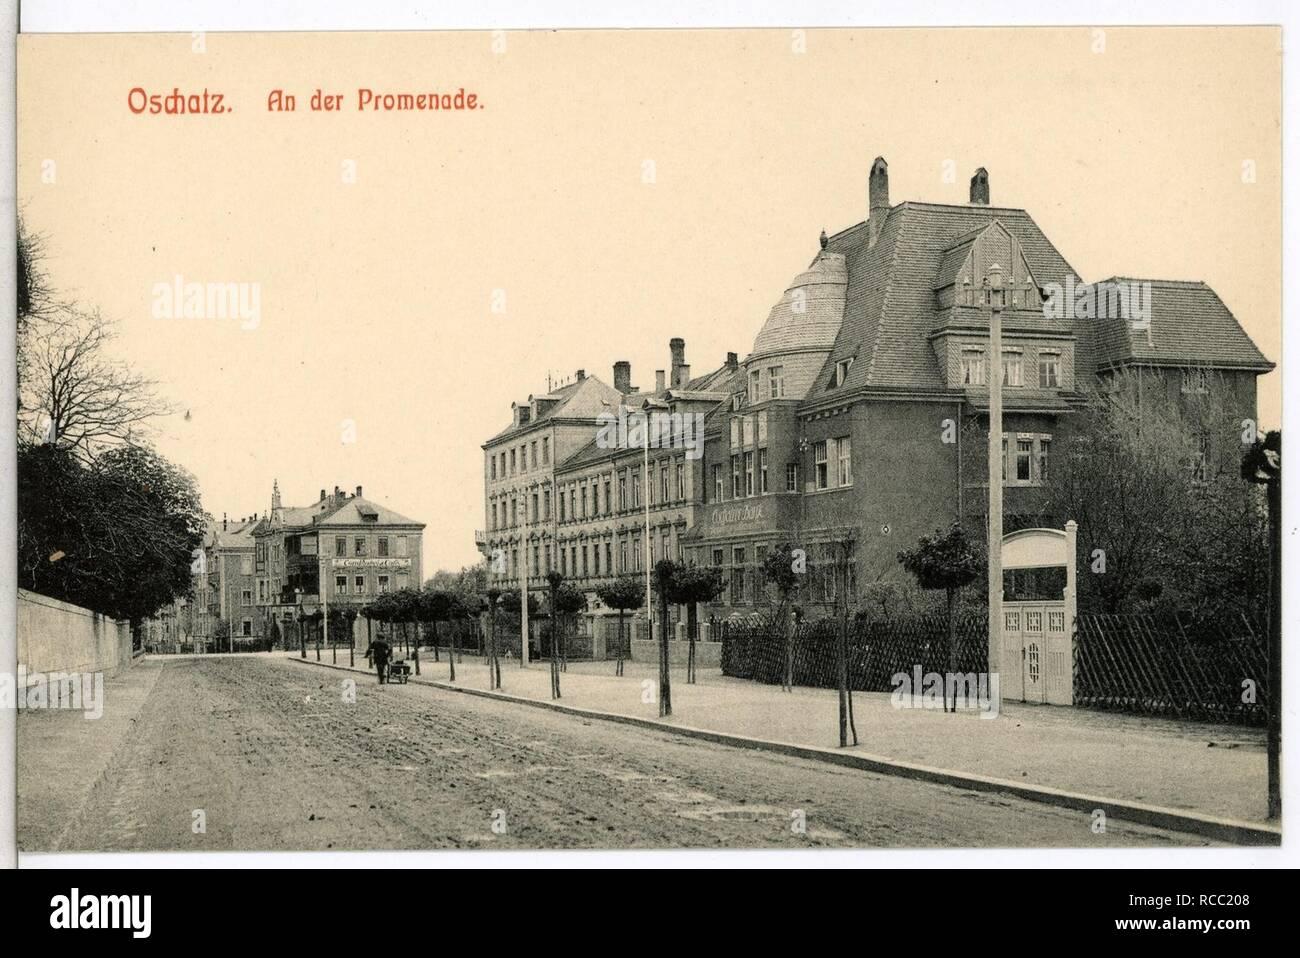 11943-Oschatz-1910-An der Promenade- Stock Photo